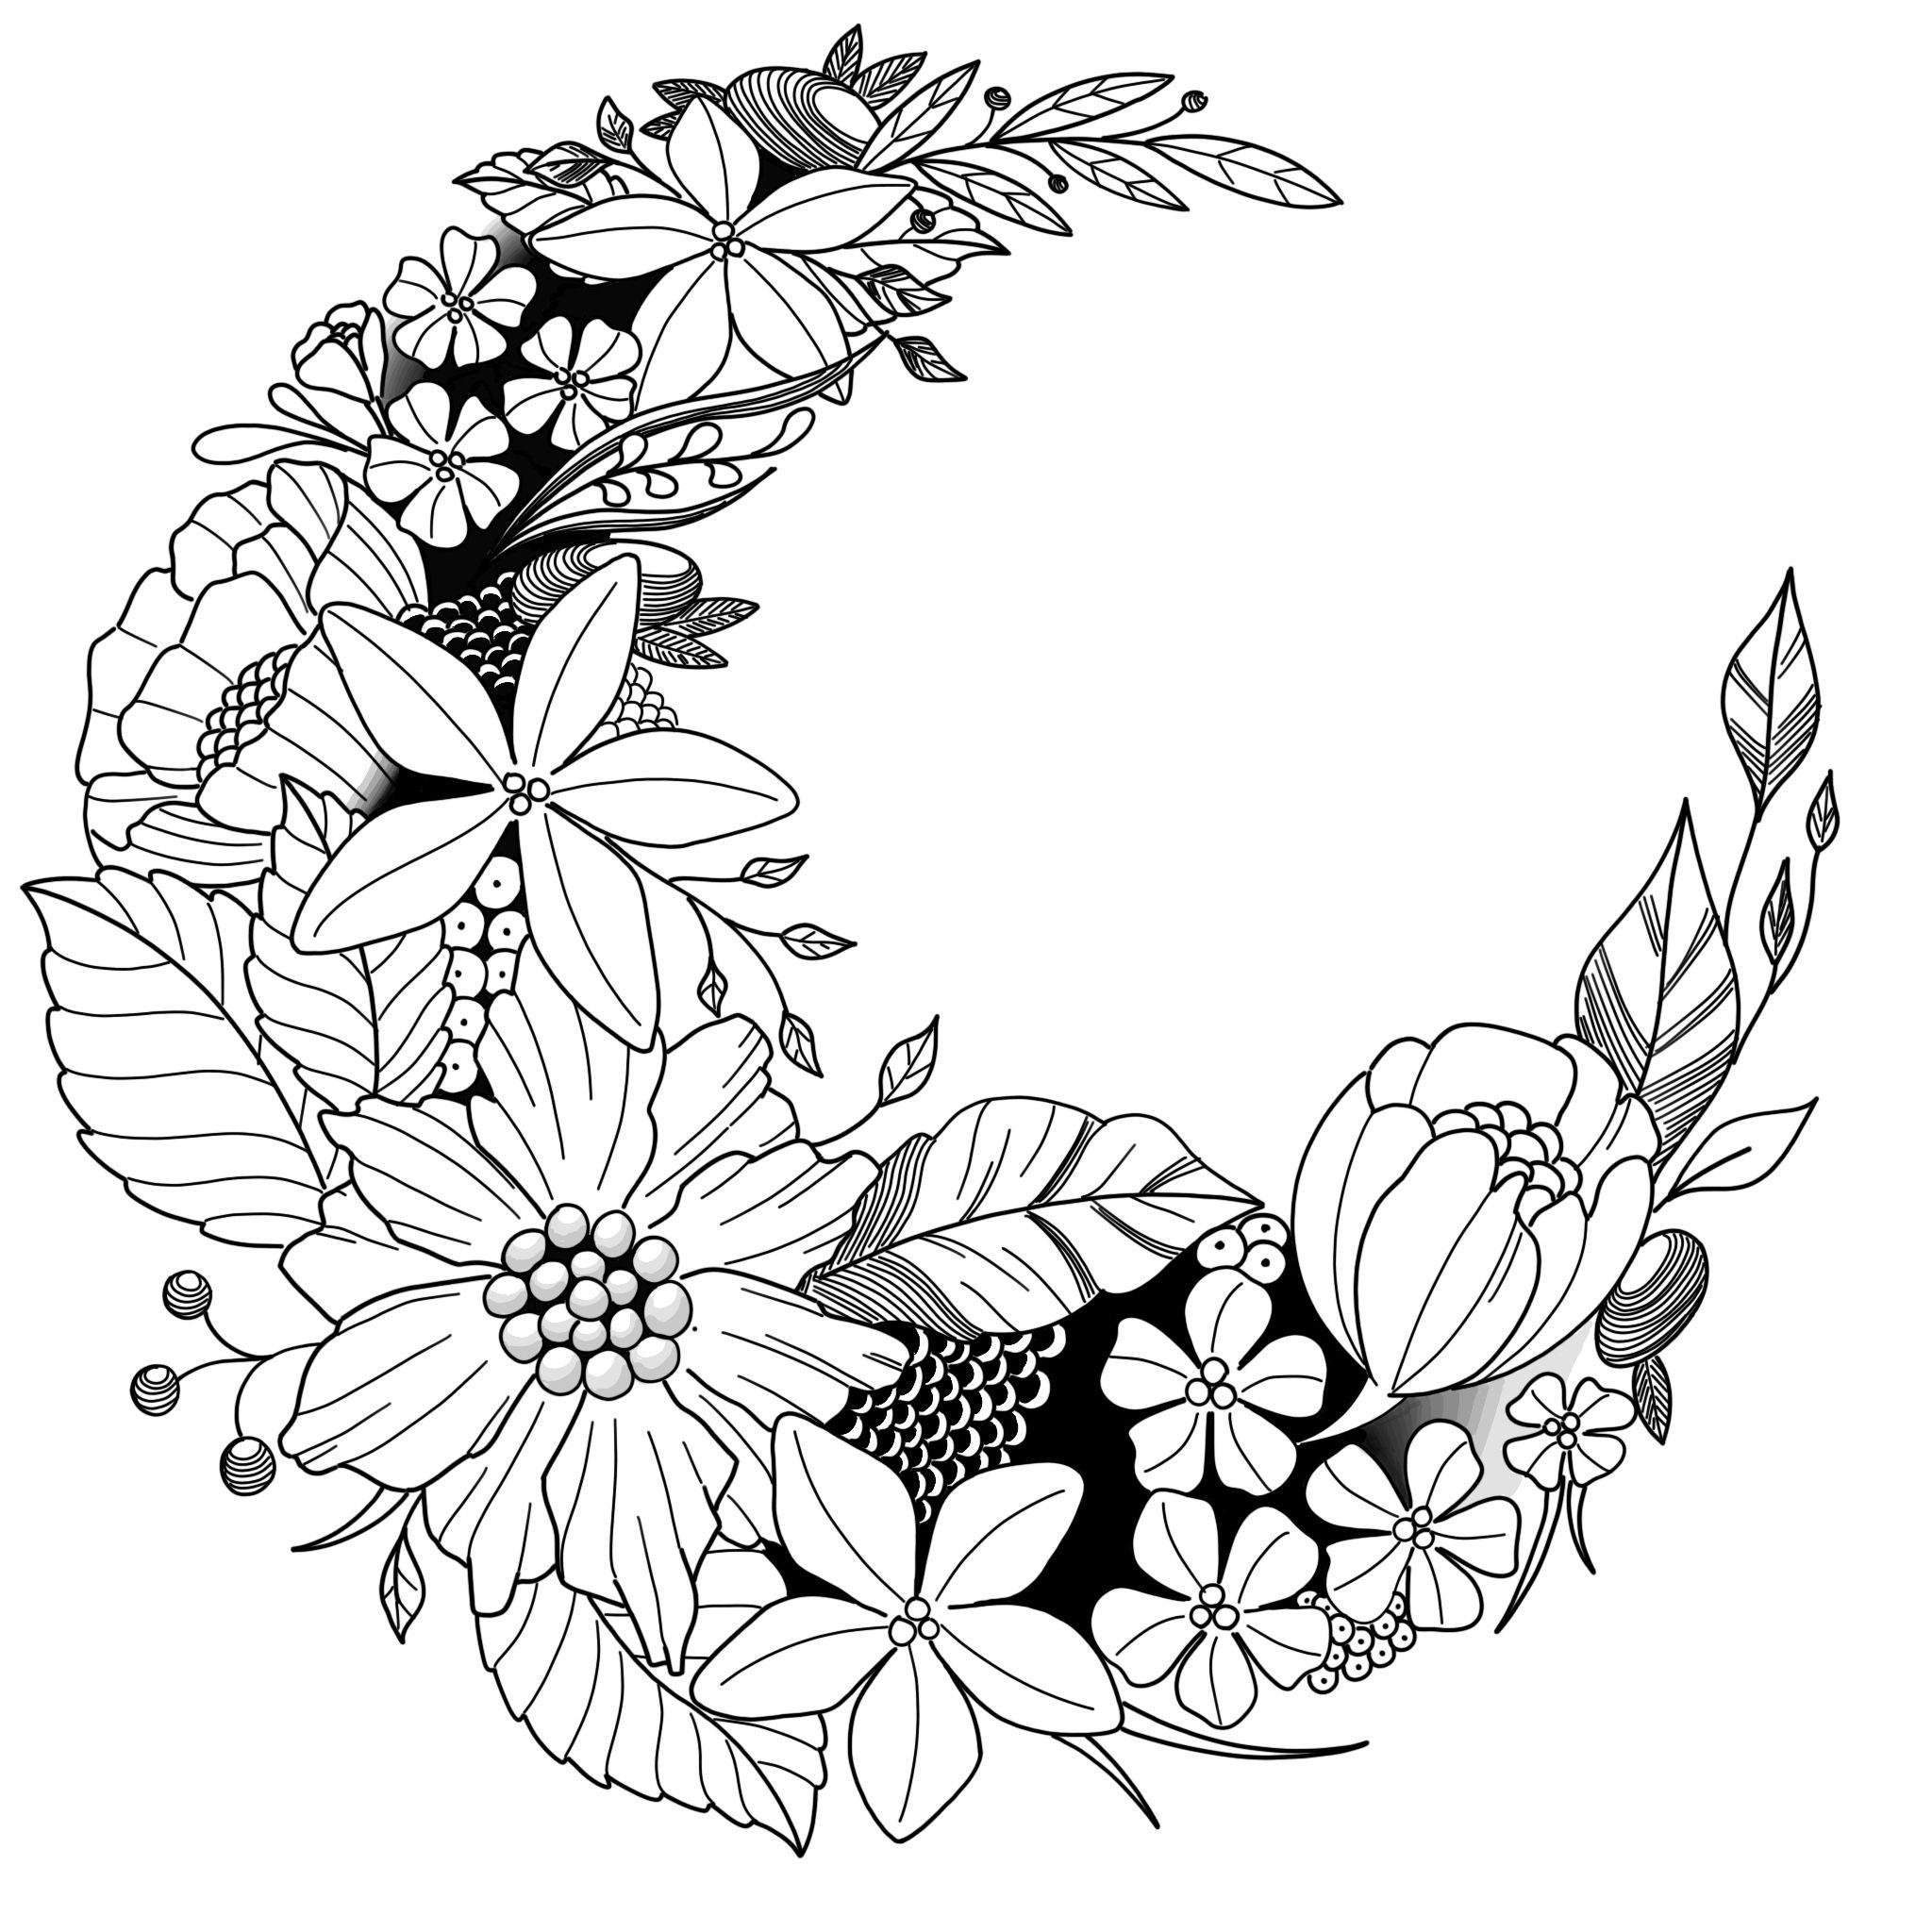 Floral Moon By Florian Fradet Blackwork Illustration Drawing